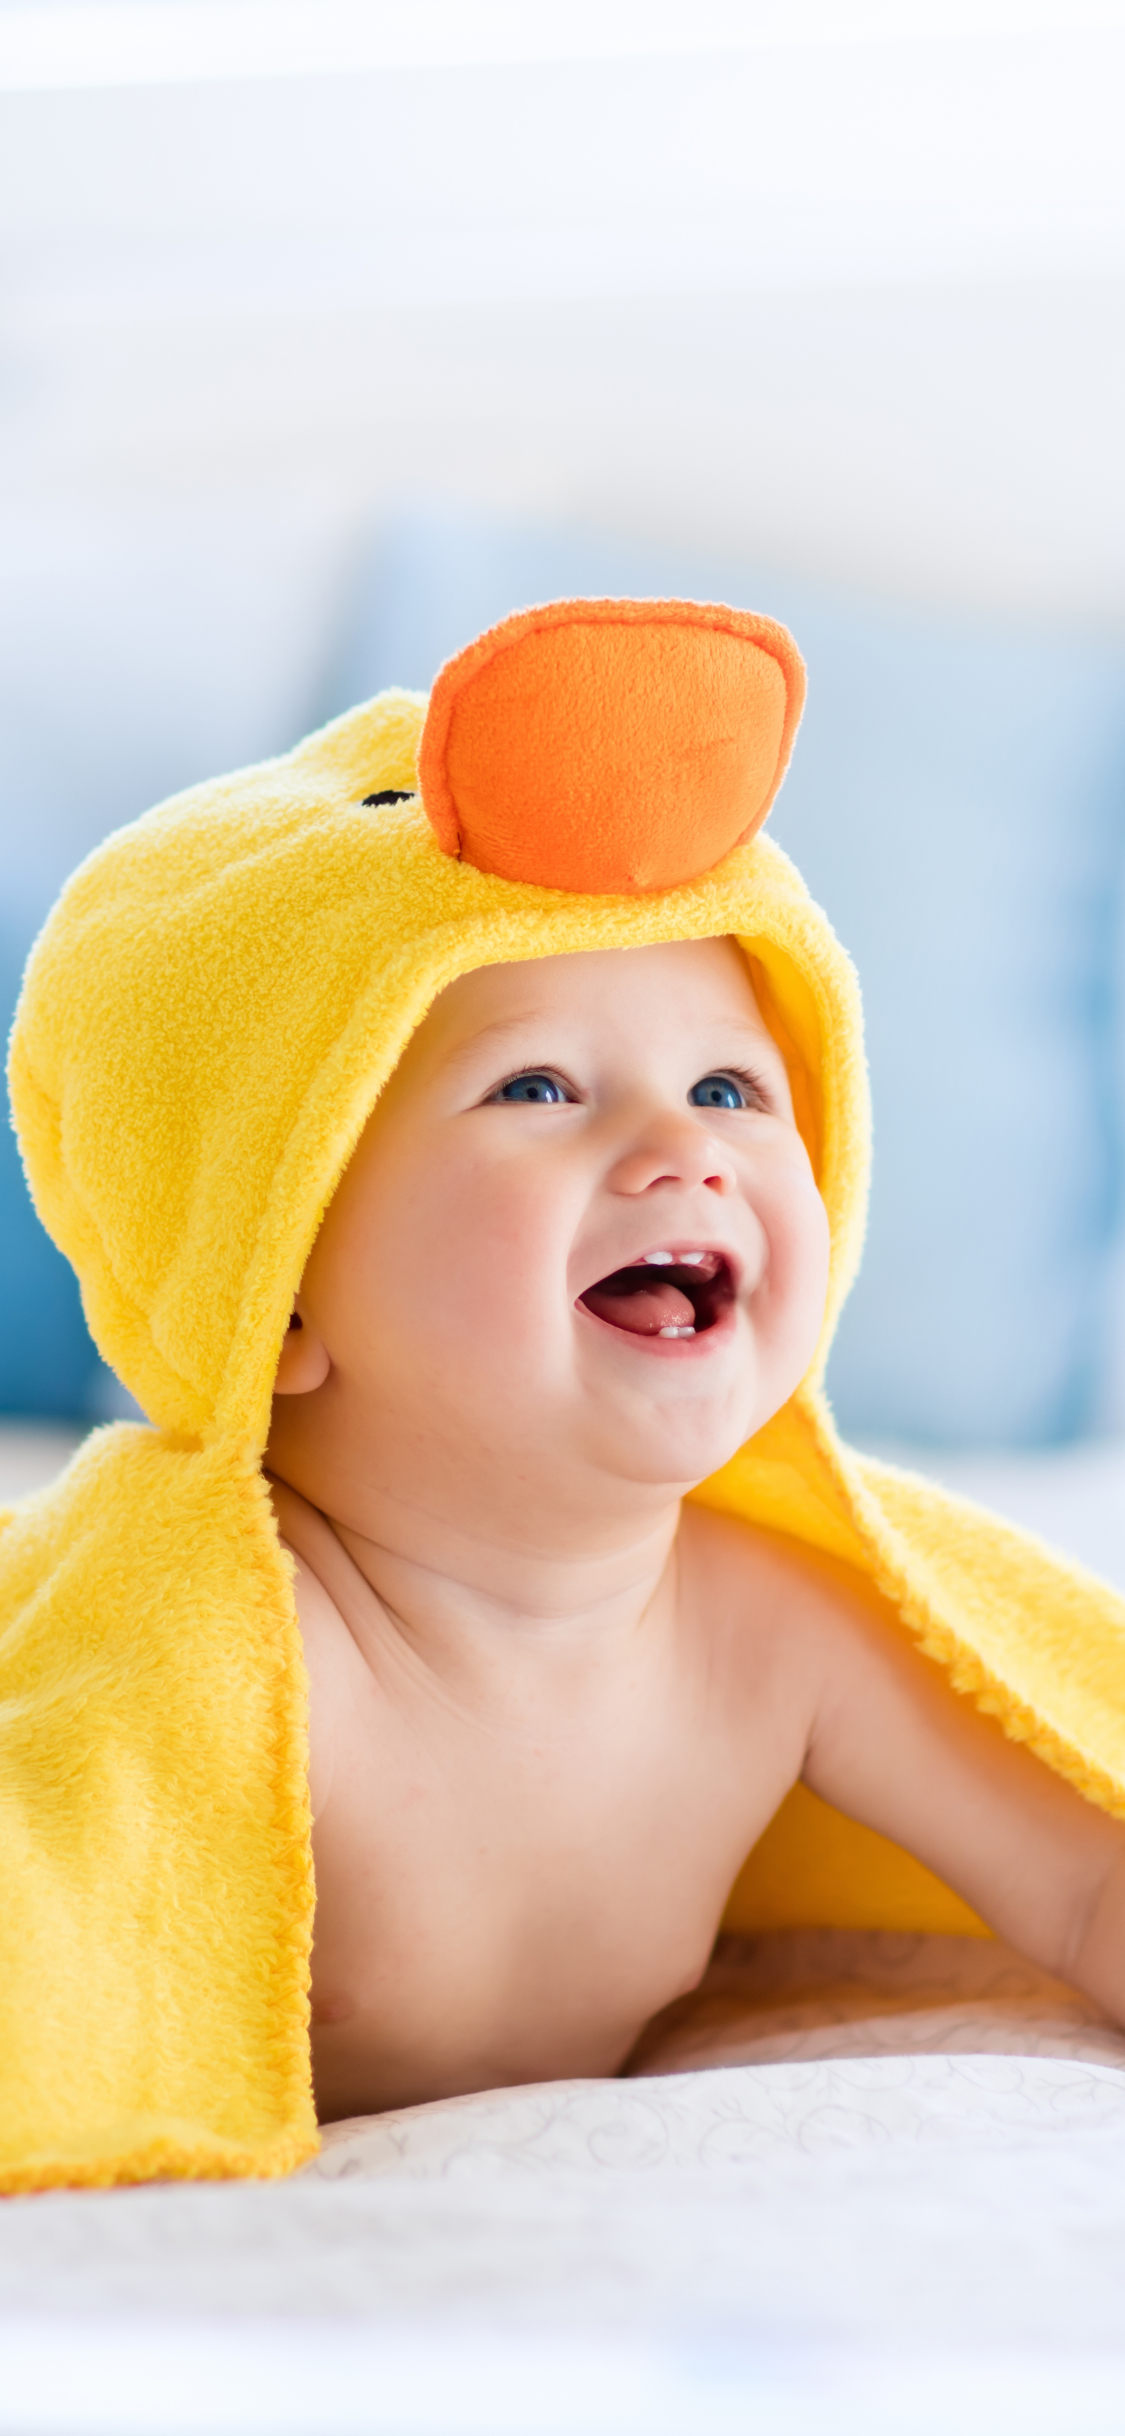 黄色のタオルでかわいい赤ちゃんiphonex壁紙 1125 X 2436 Iphone